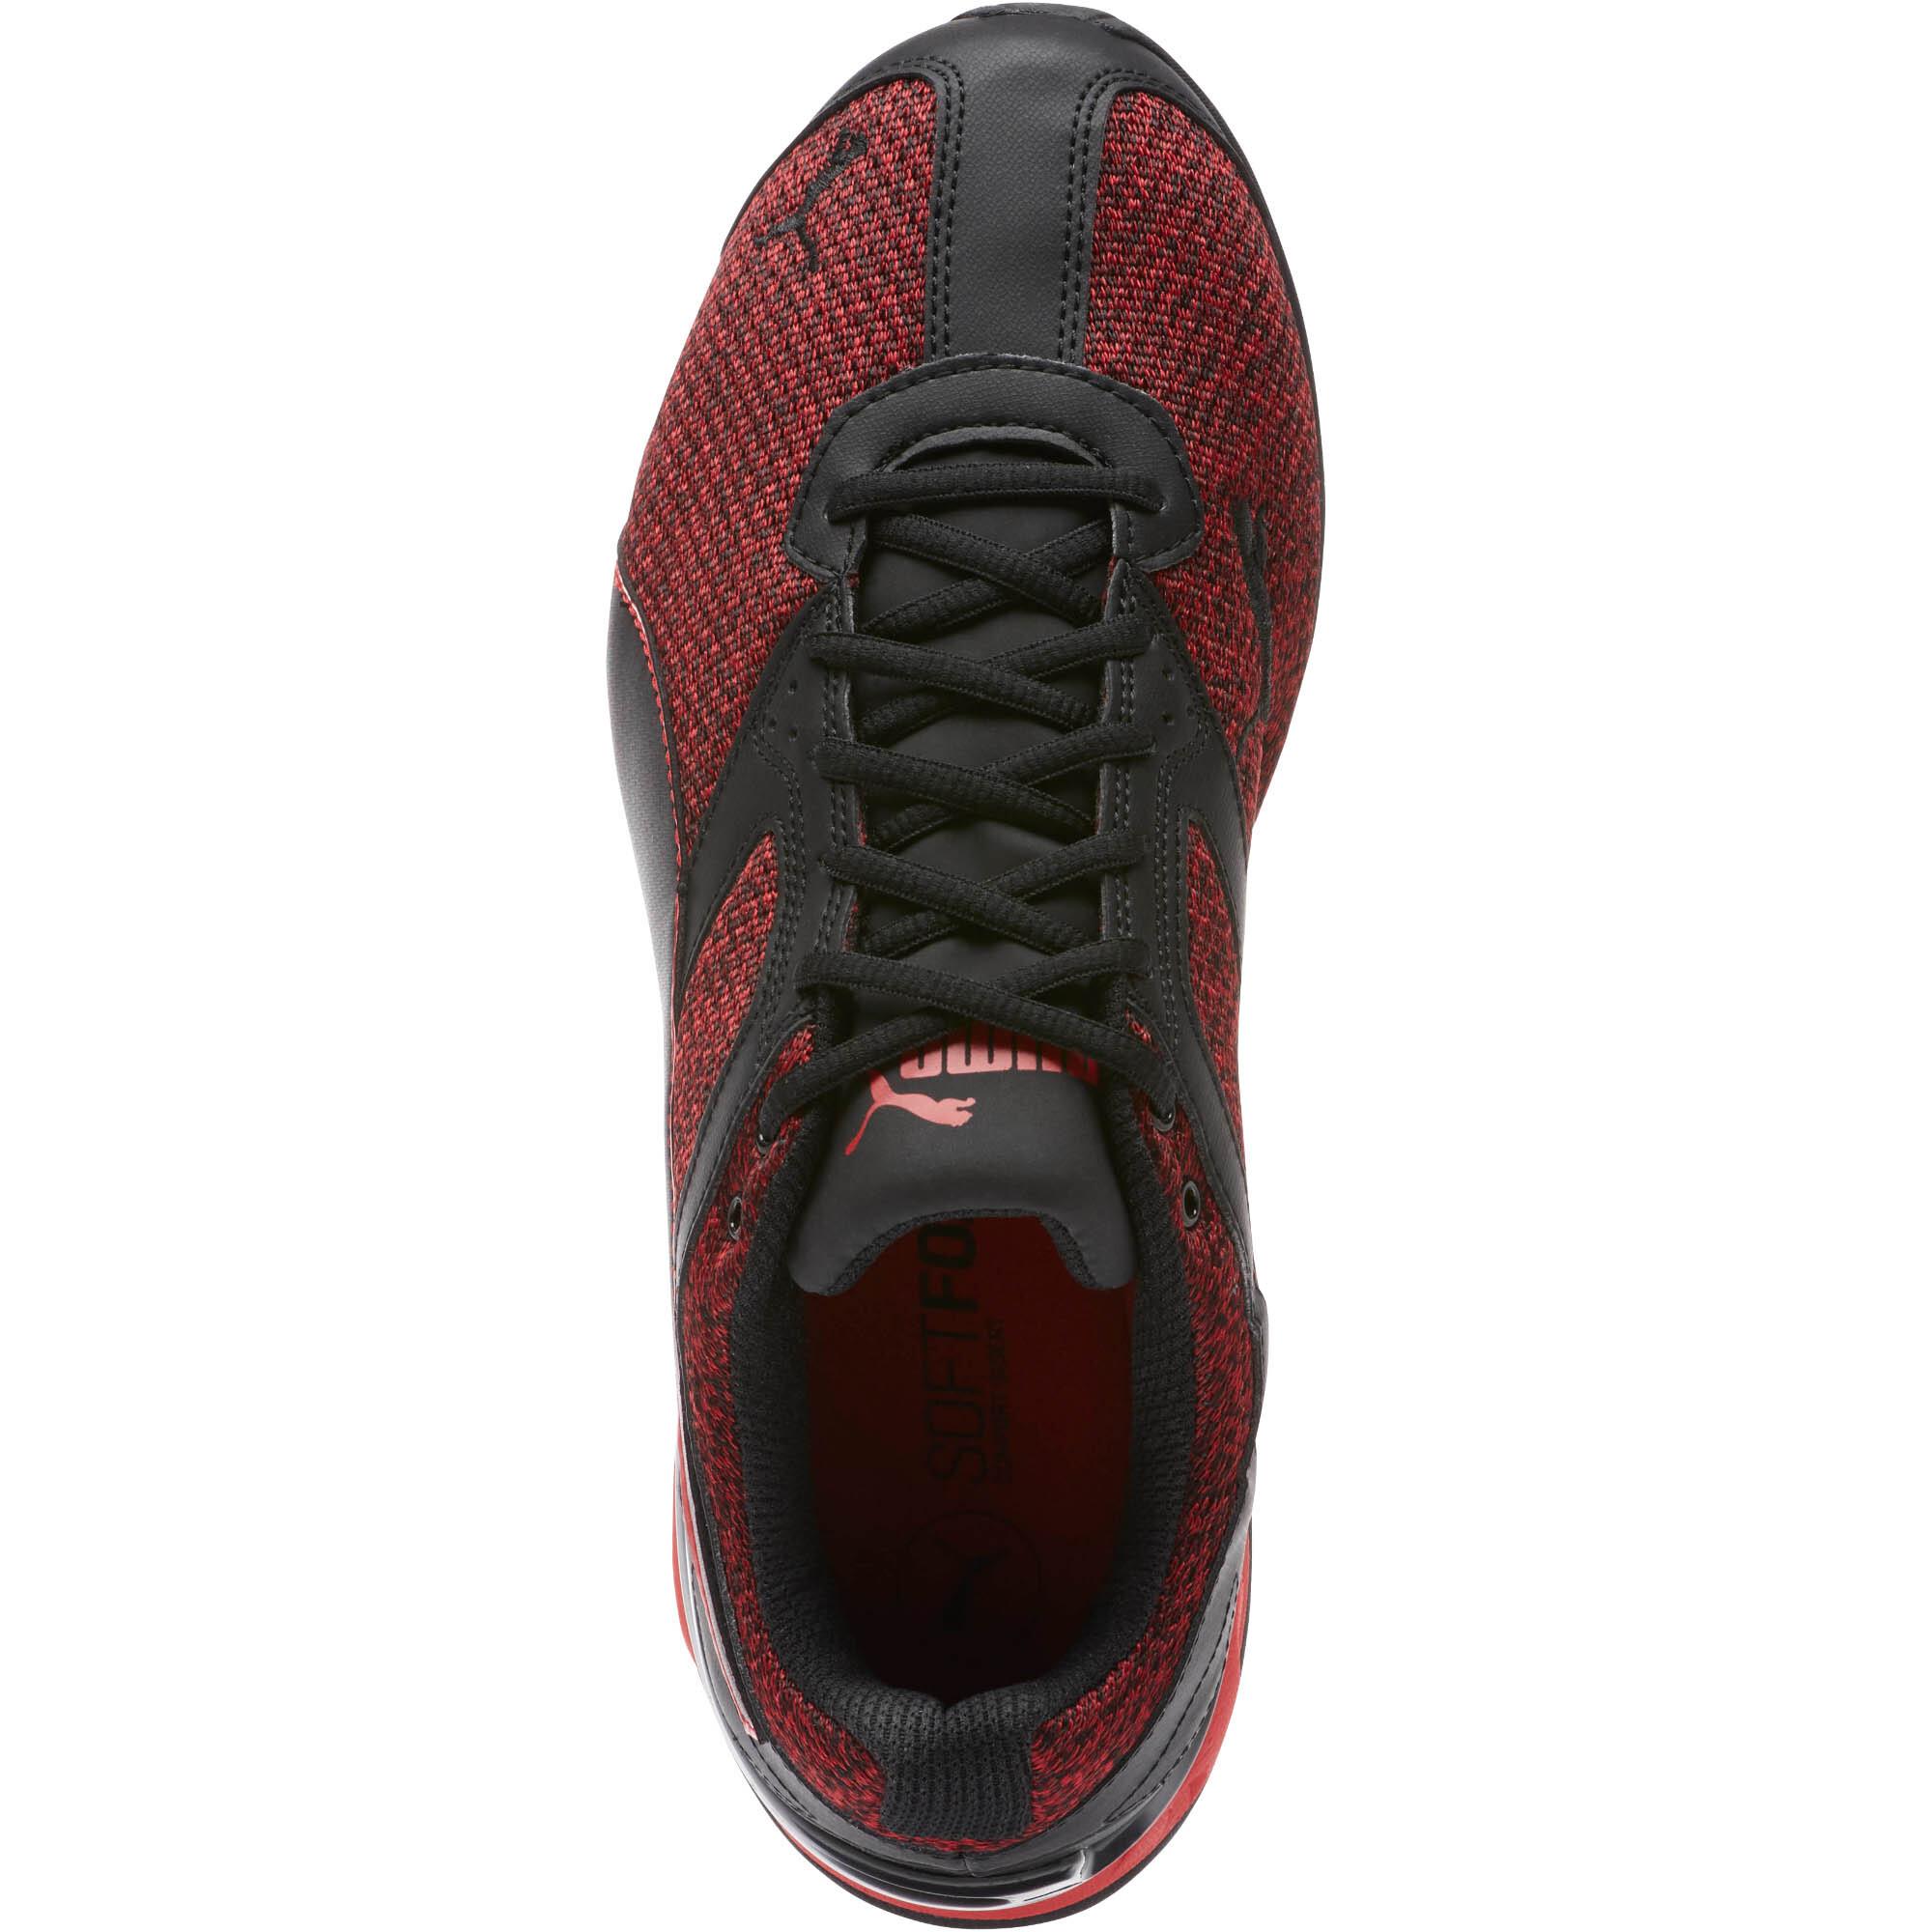 Puma-Tazon-6-Lavorato-a-Maglia-Uomo-Scarpe-da-ginnastica-Uomo-scarpa-in-esecuzione miniatura 6